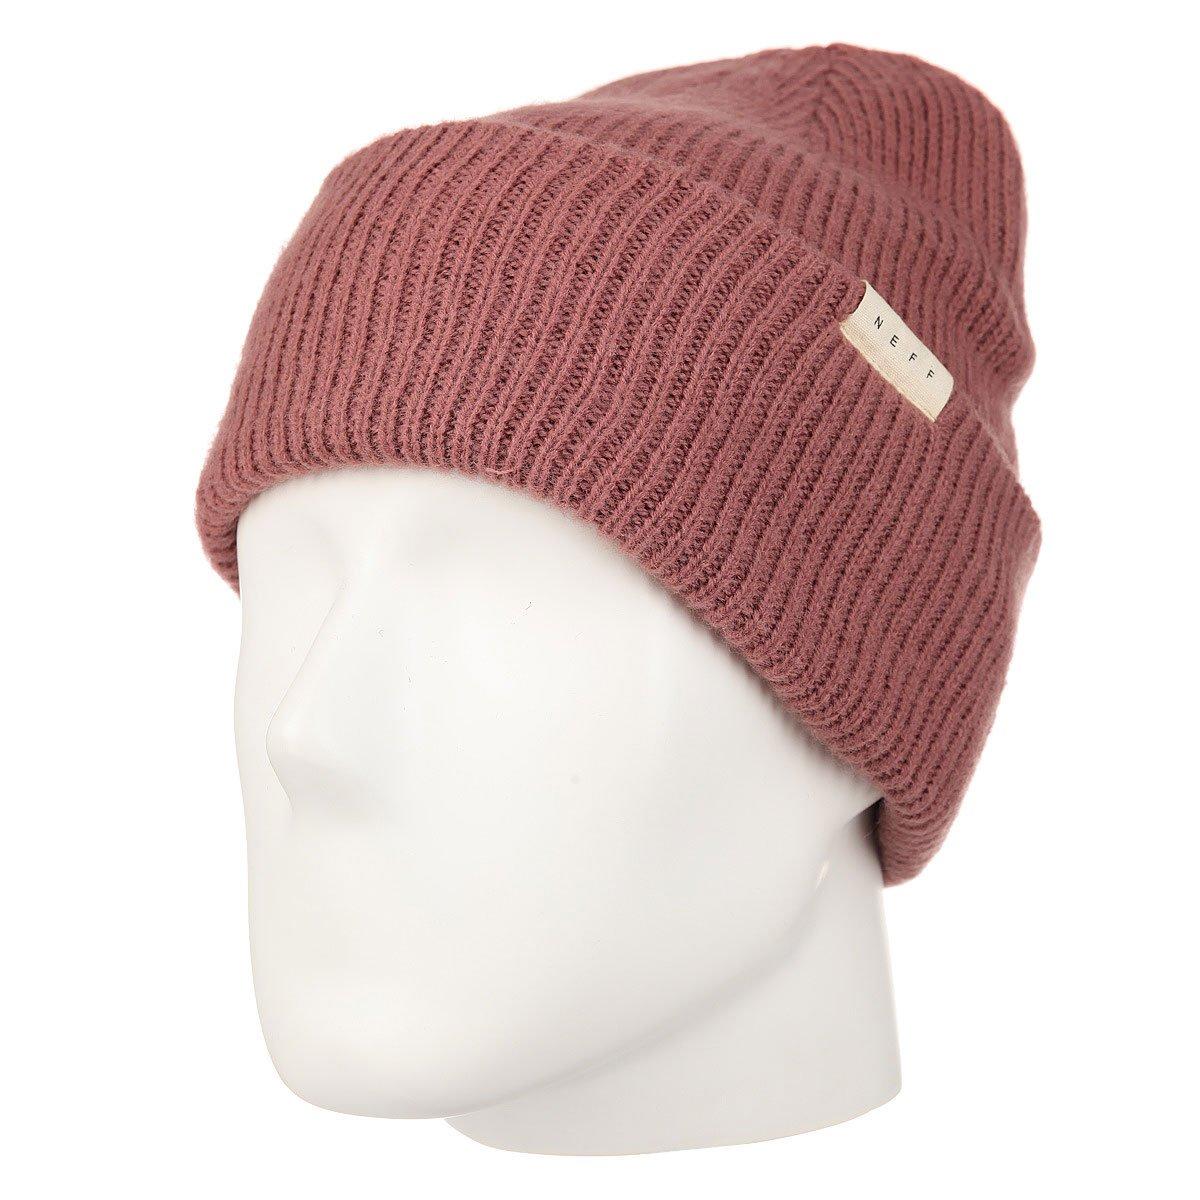 4cbd8478356 Купить шапку женскую Neff Anya Beanie Rose в интернет-магазине ...